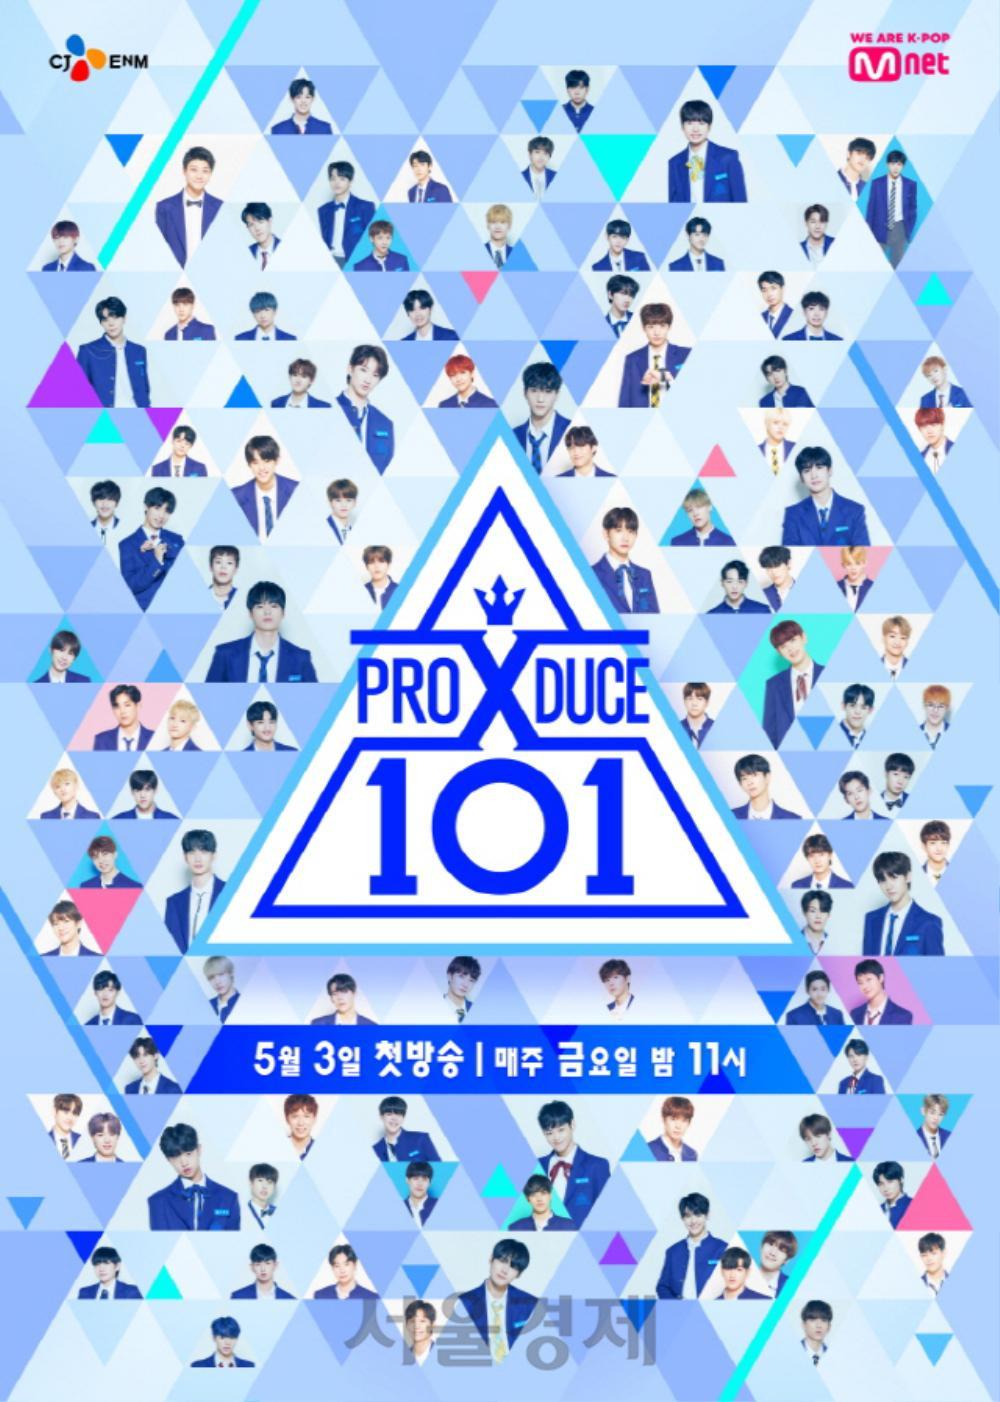 Xác nhận thao túng 3 TTS vào đội hình Wanna One và I.O.I, nhà sản xuất 'Produce 101' dự bị phạt 2,3 tỷ đồng Ảnh 10